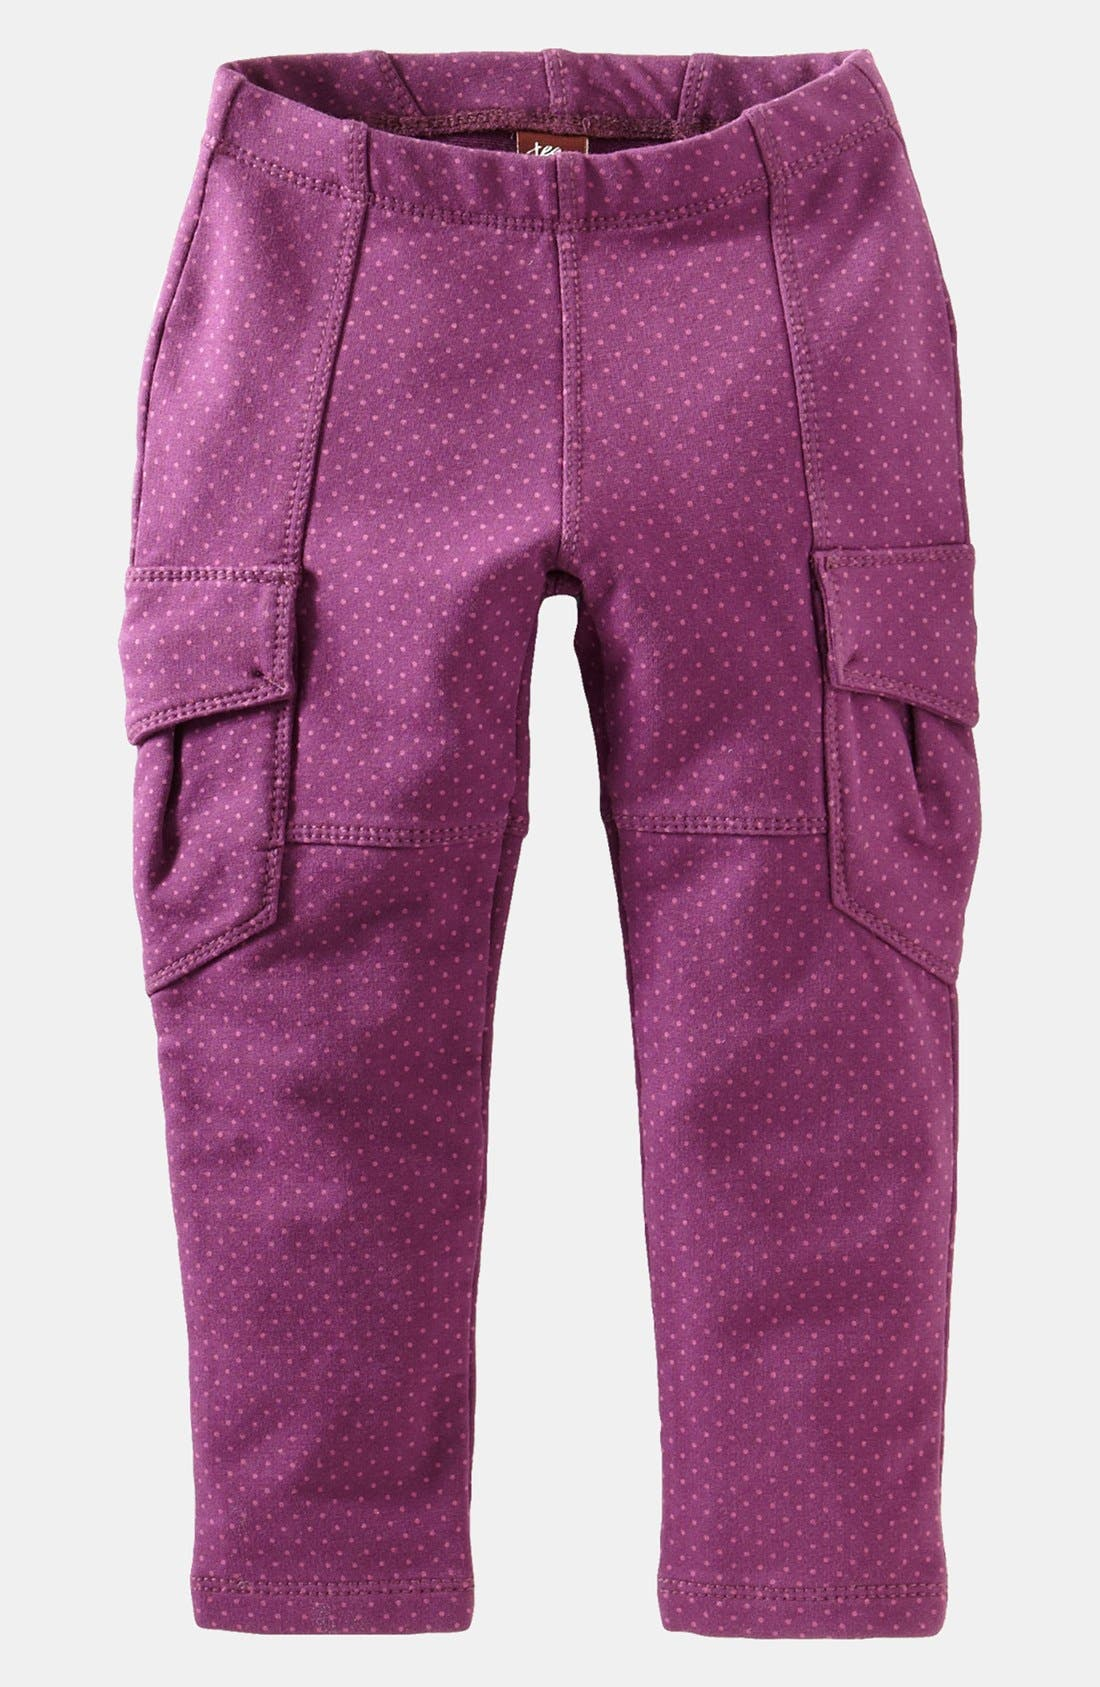 Main Image - Tea Collection 'Pin Dot' Cargo Pants (Toddler Girls, Little Girls & Big Girls)